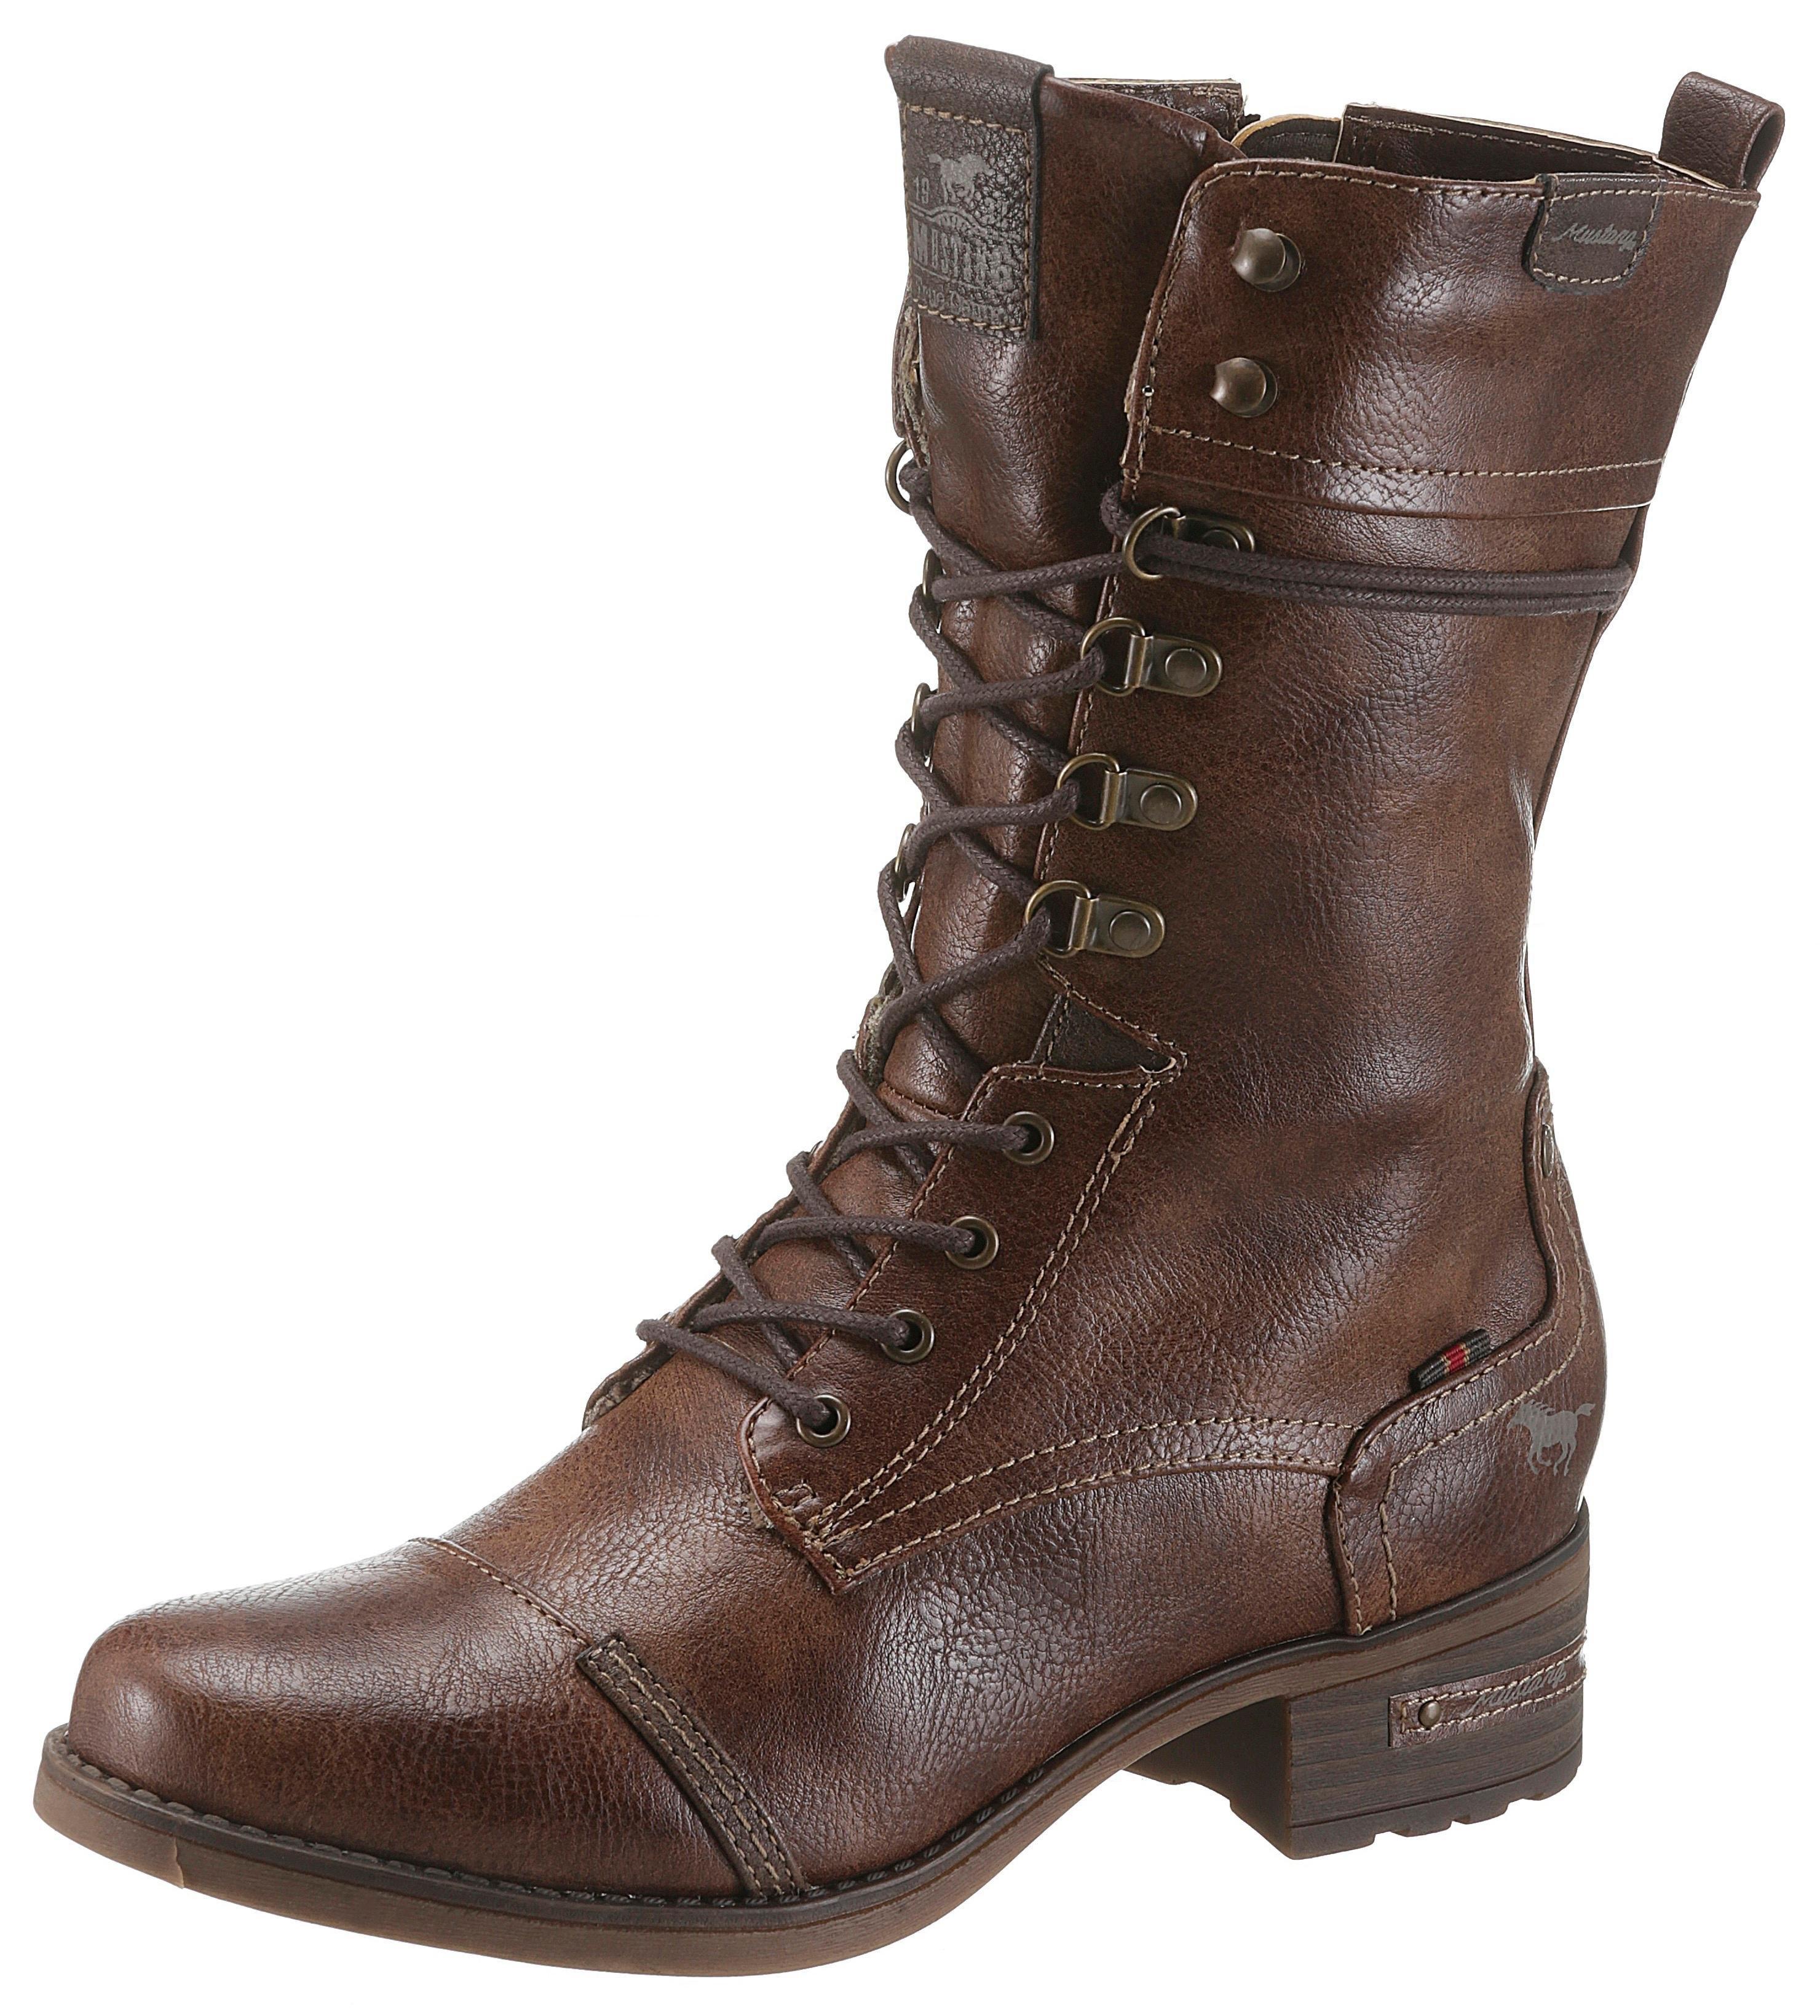 Mustang Shoes veterlaarzen bestellen: 14 dagen bedenktijd